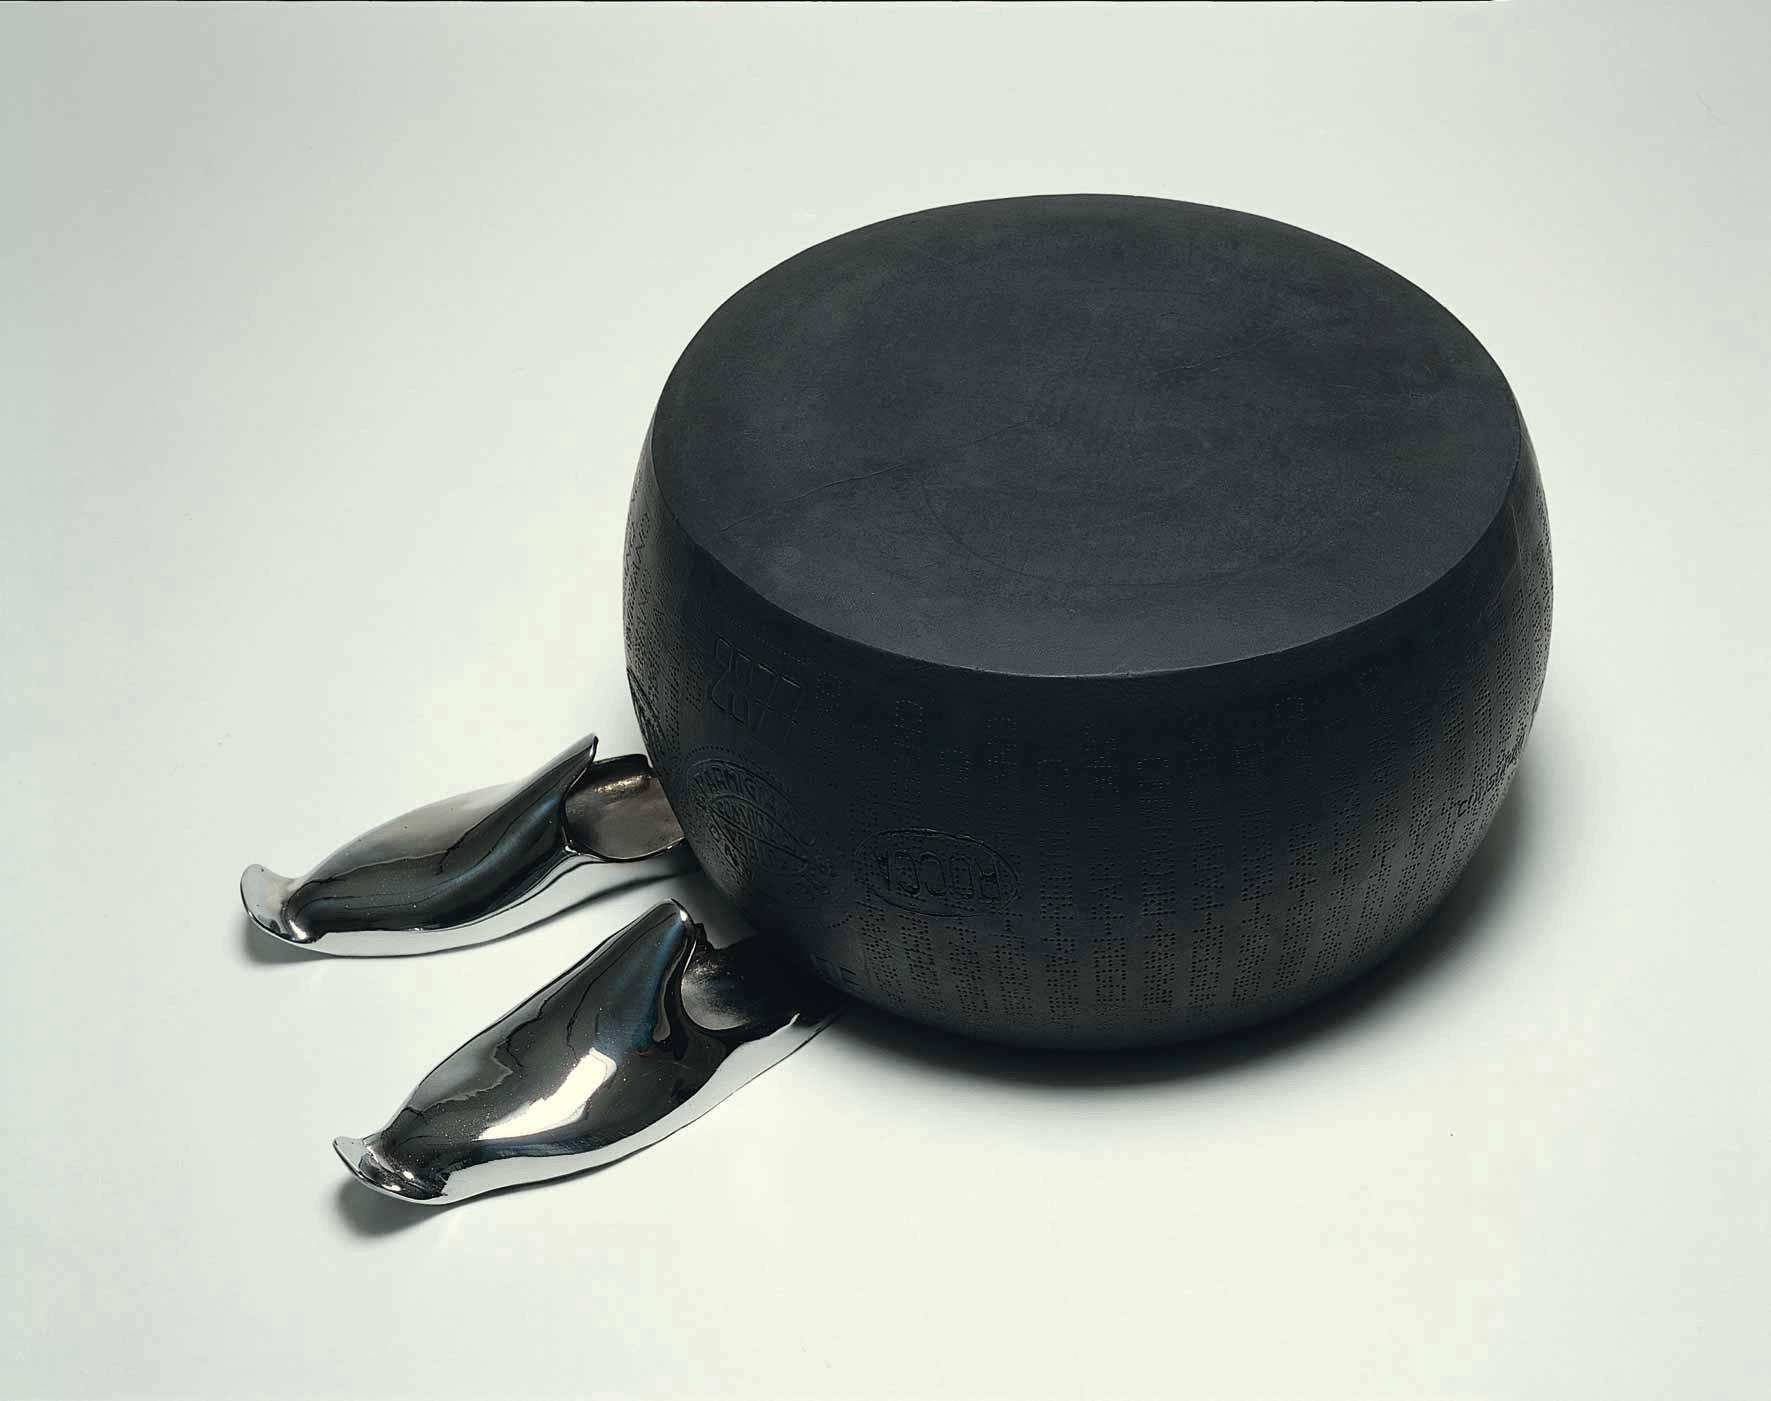 Michele Chiossi Wheel of desire, 2000 gomma uretanica, bronzo cromato Parmigiano Reggiano scultura babbucce Mille e una Notte marchiatura d'origine costellazione